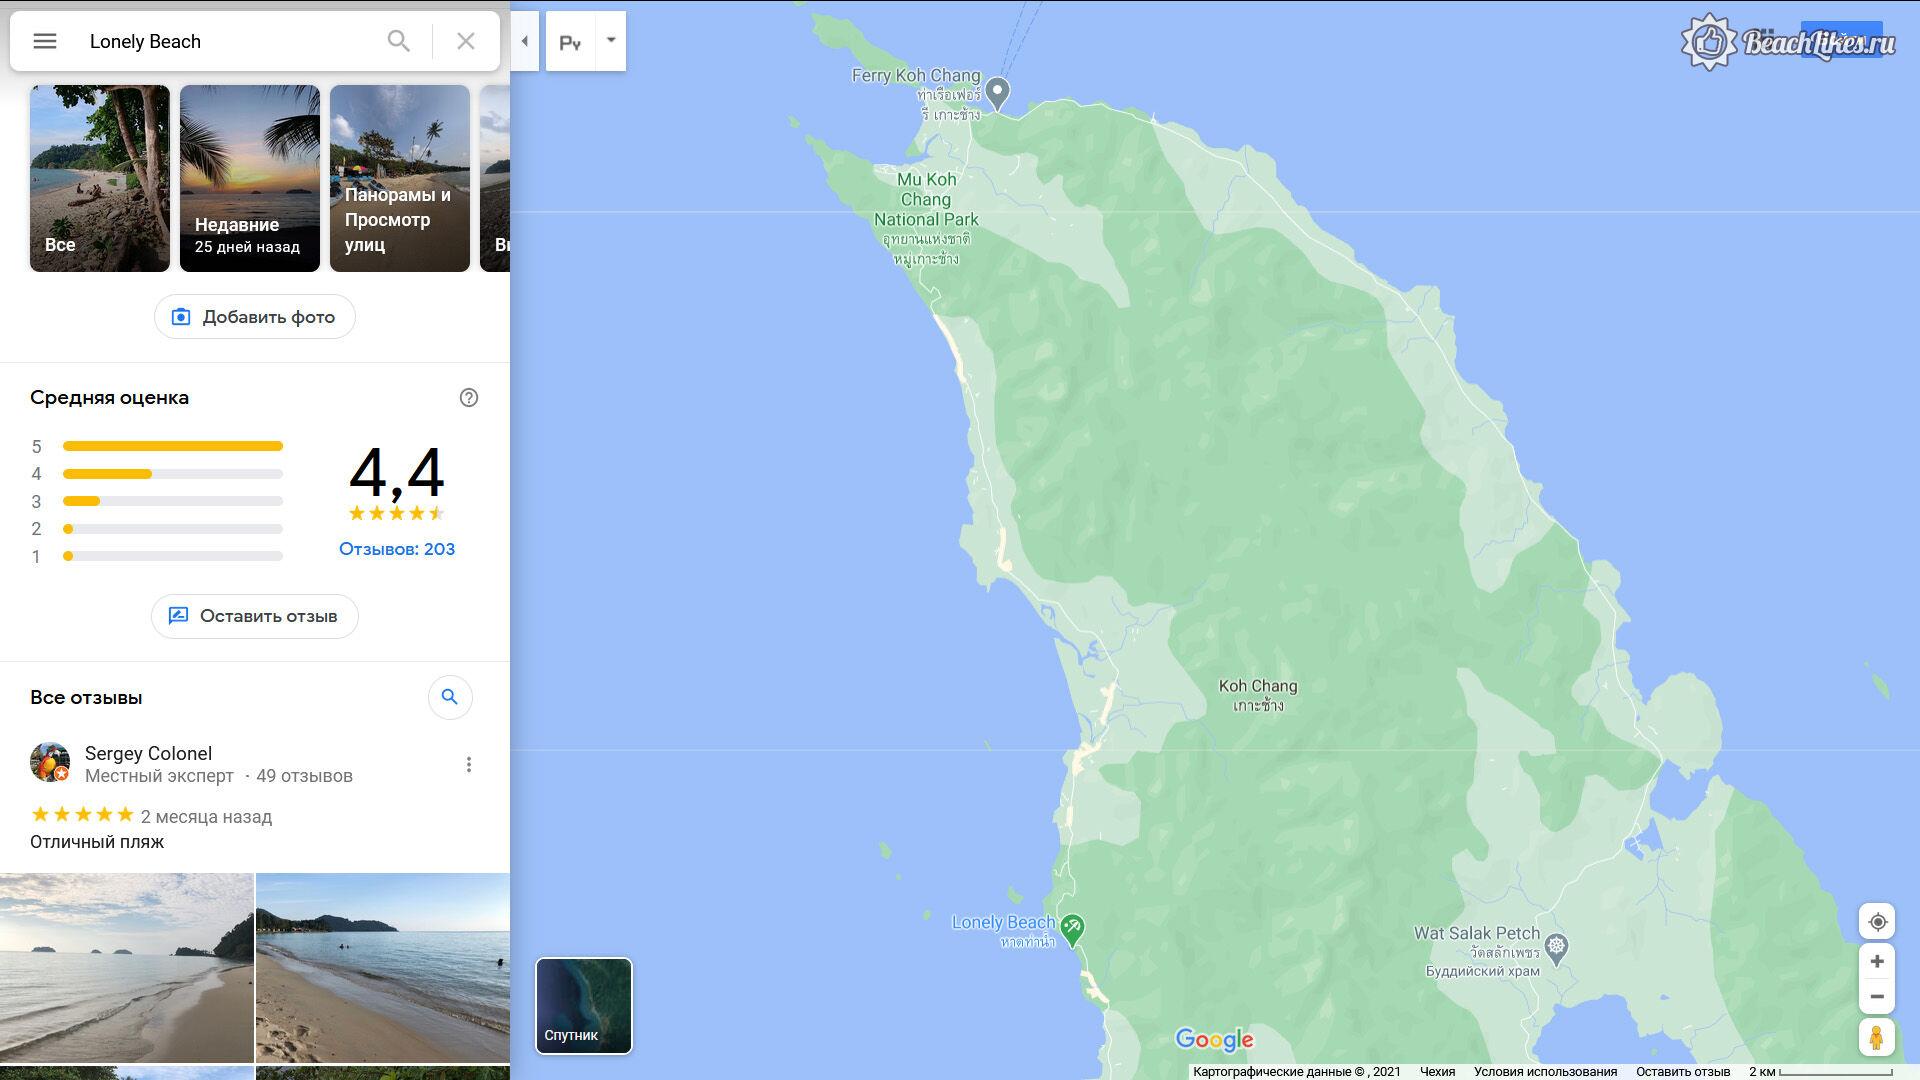 Лонли бич на Ко Чанге на карте и адрес